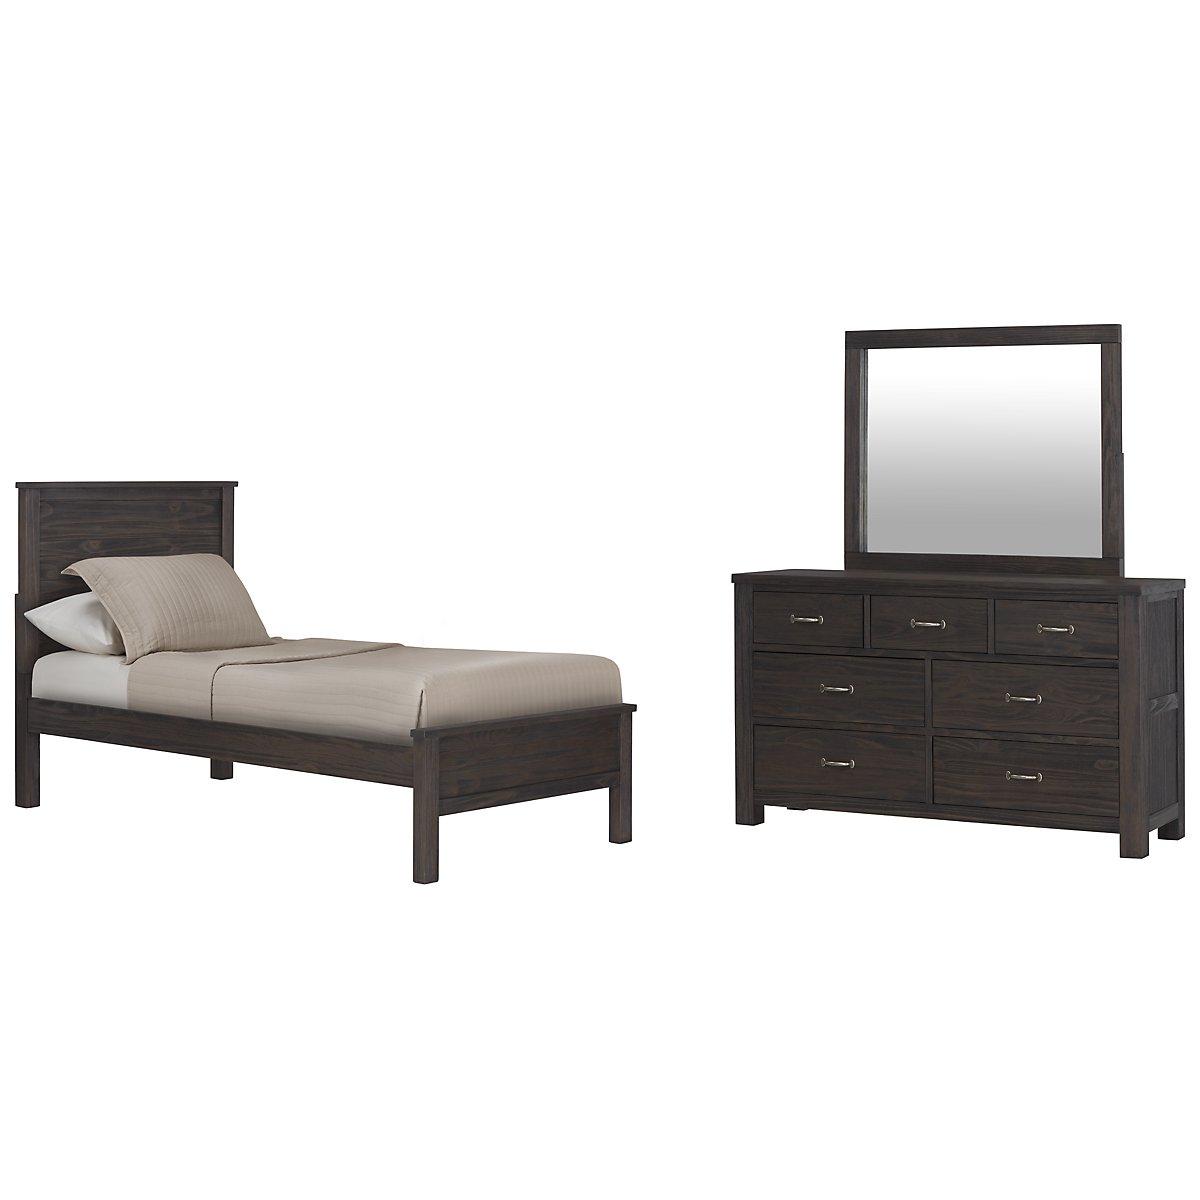 Highlands Dark Tone Panel Bedroom